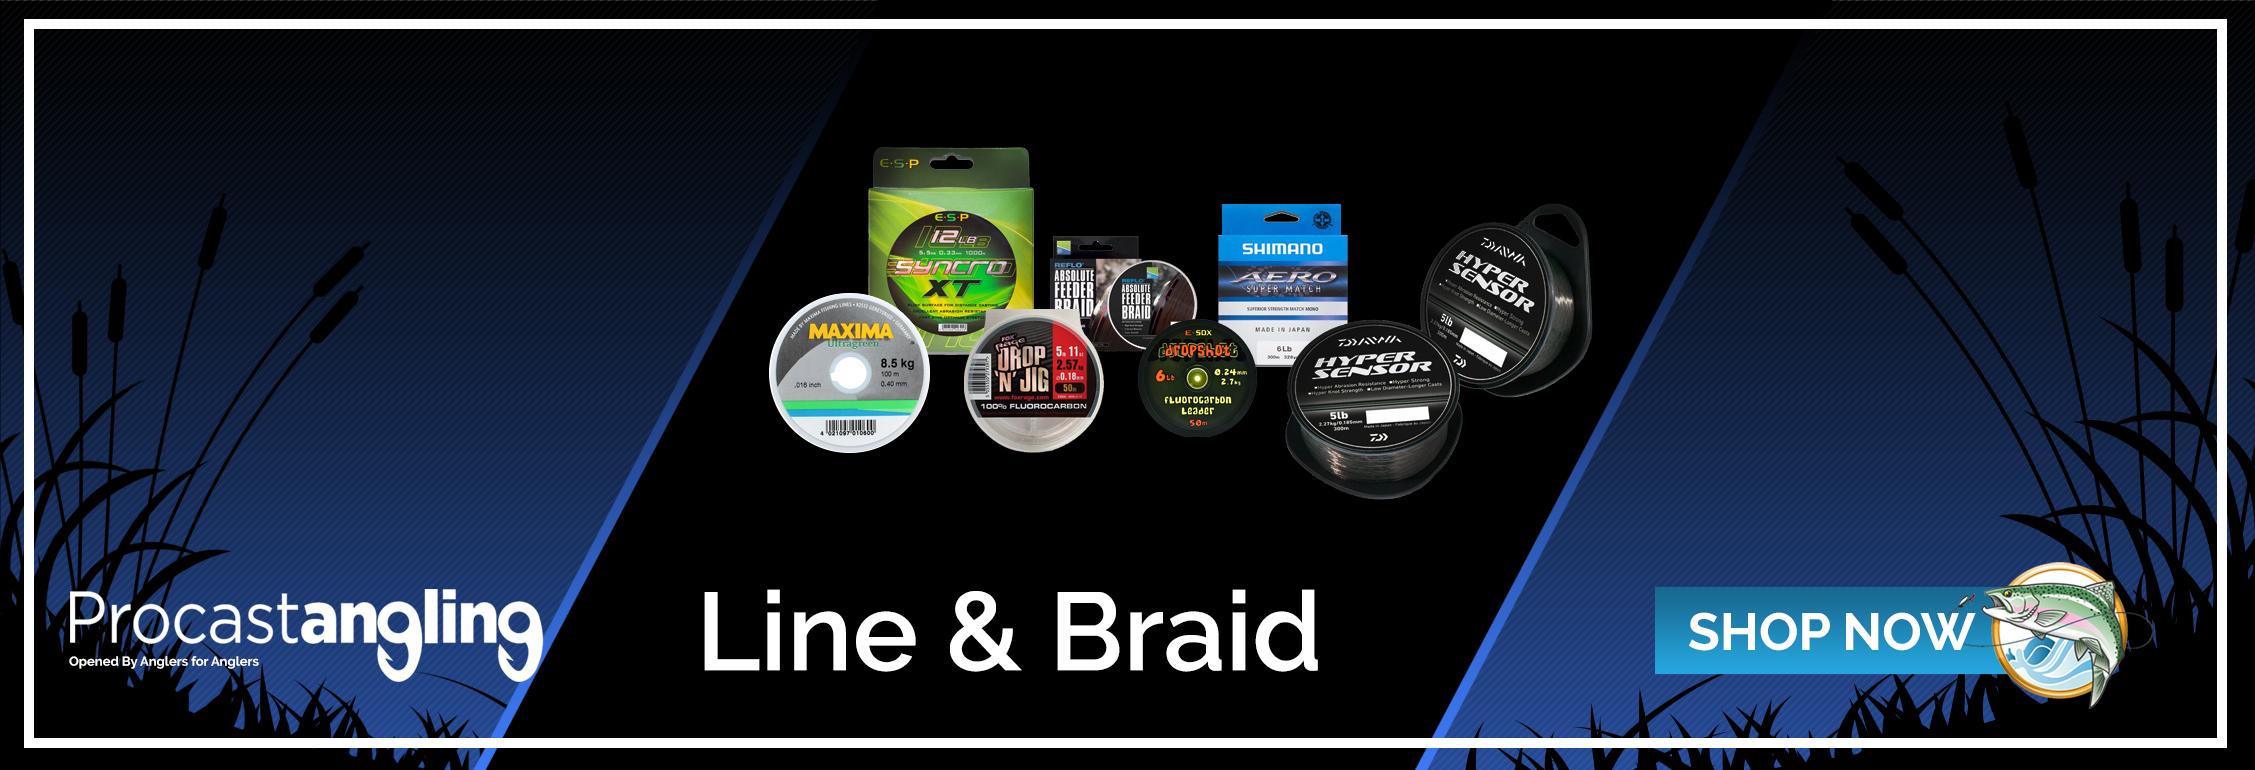 LINE & BRAID